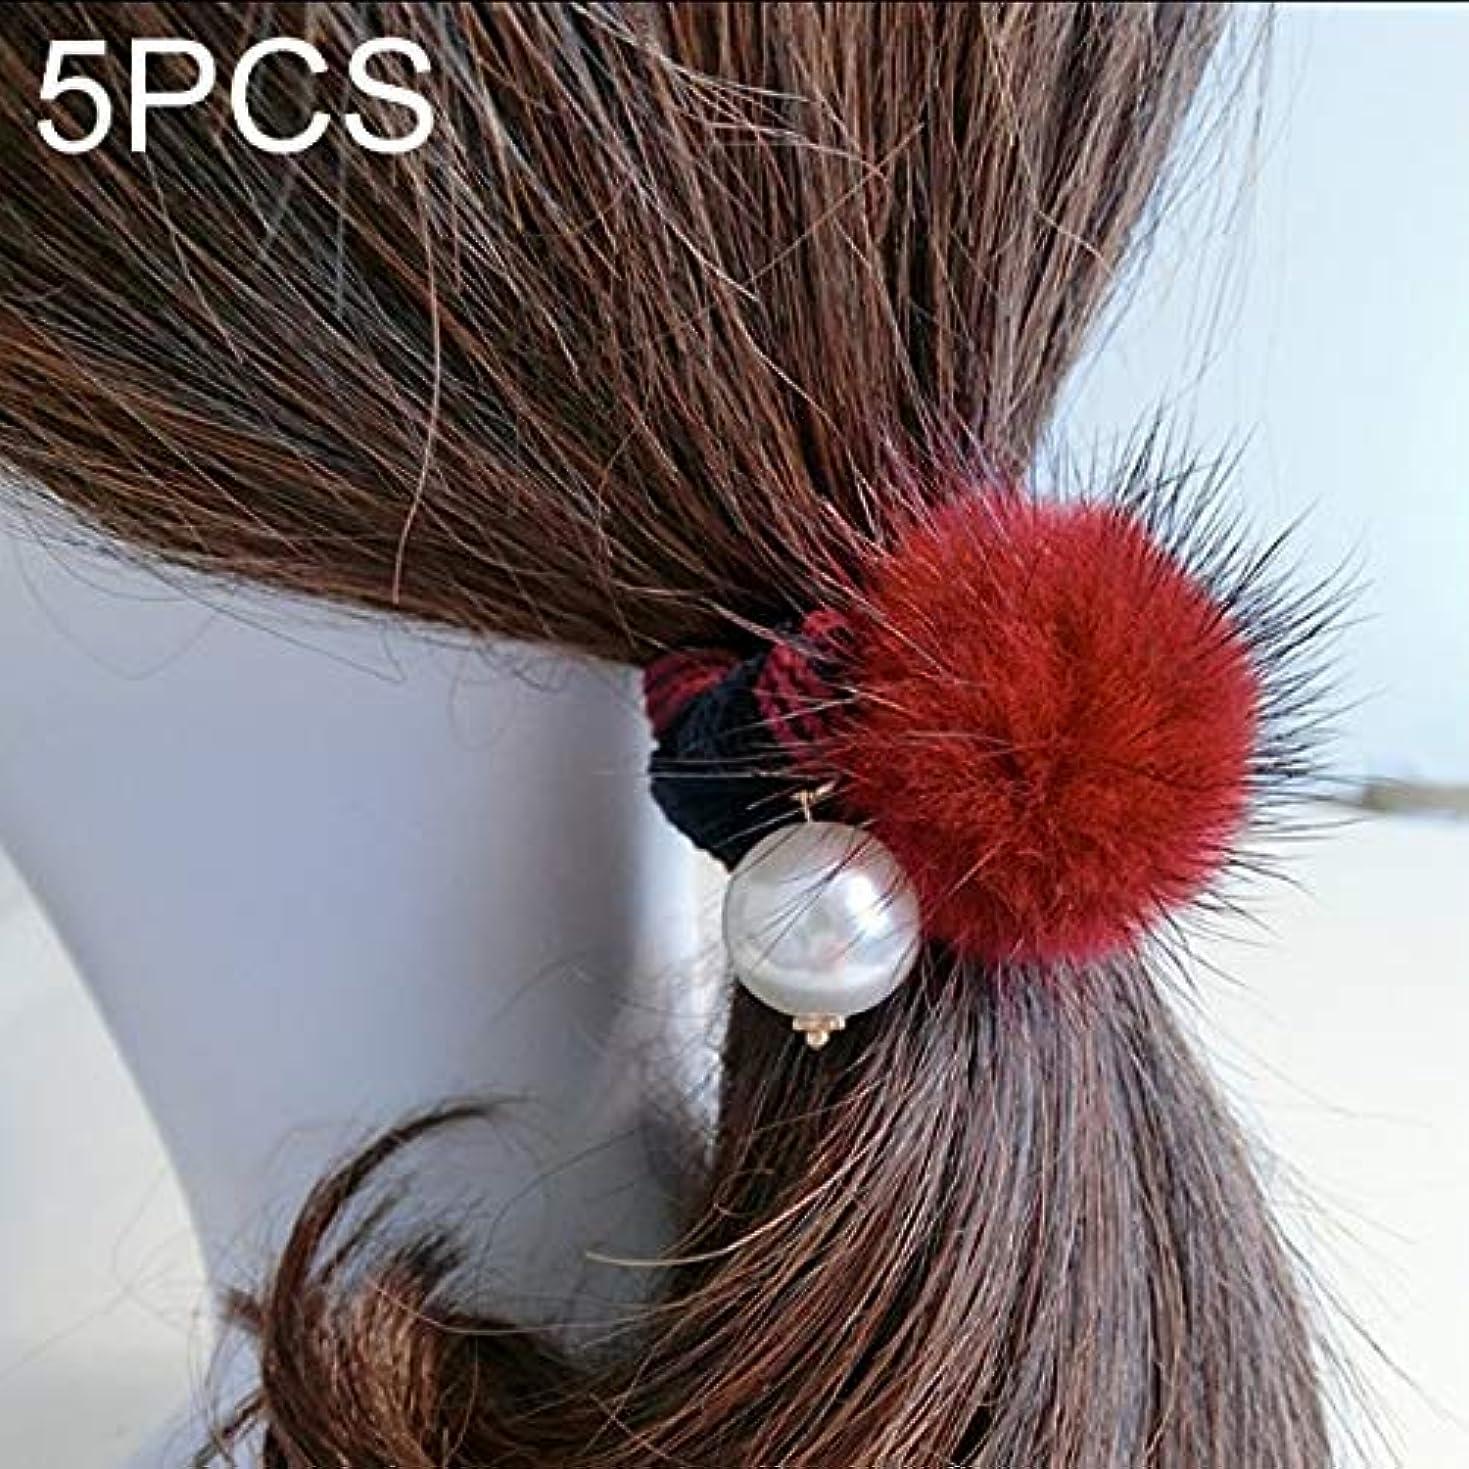 対象叫び声航海Hairpinheair YHM 5ピースミンクボールスタイル拡大ストライプ弾性ゴムヘアバンドロープランダムカラー配信